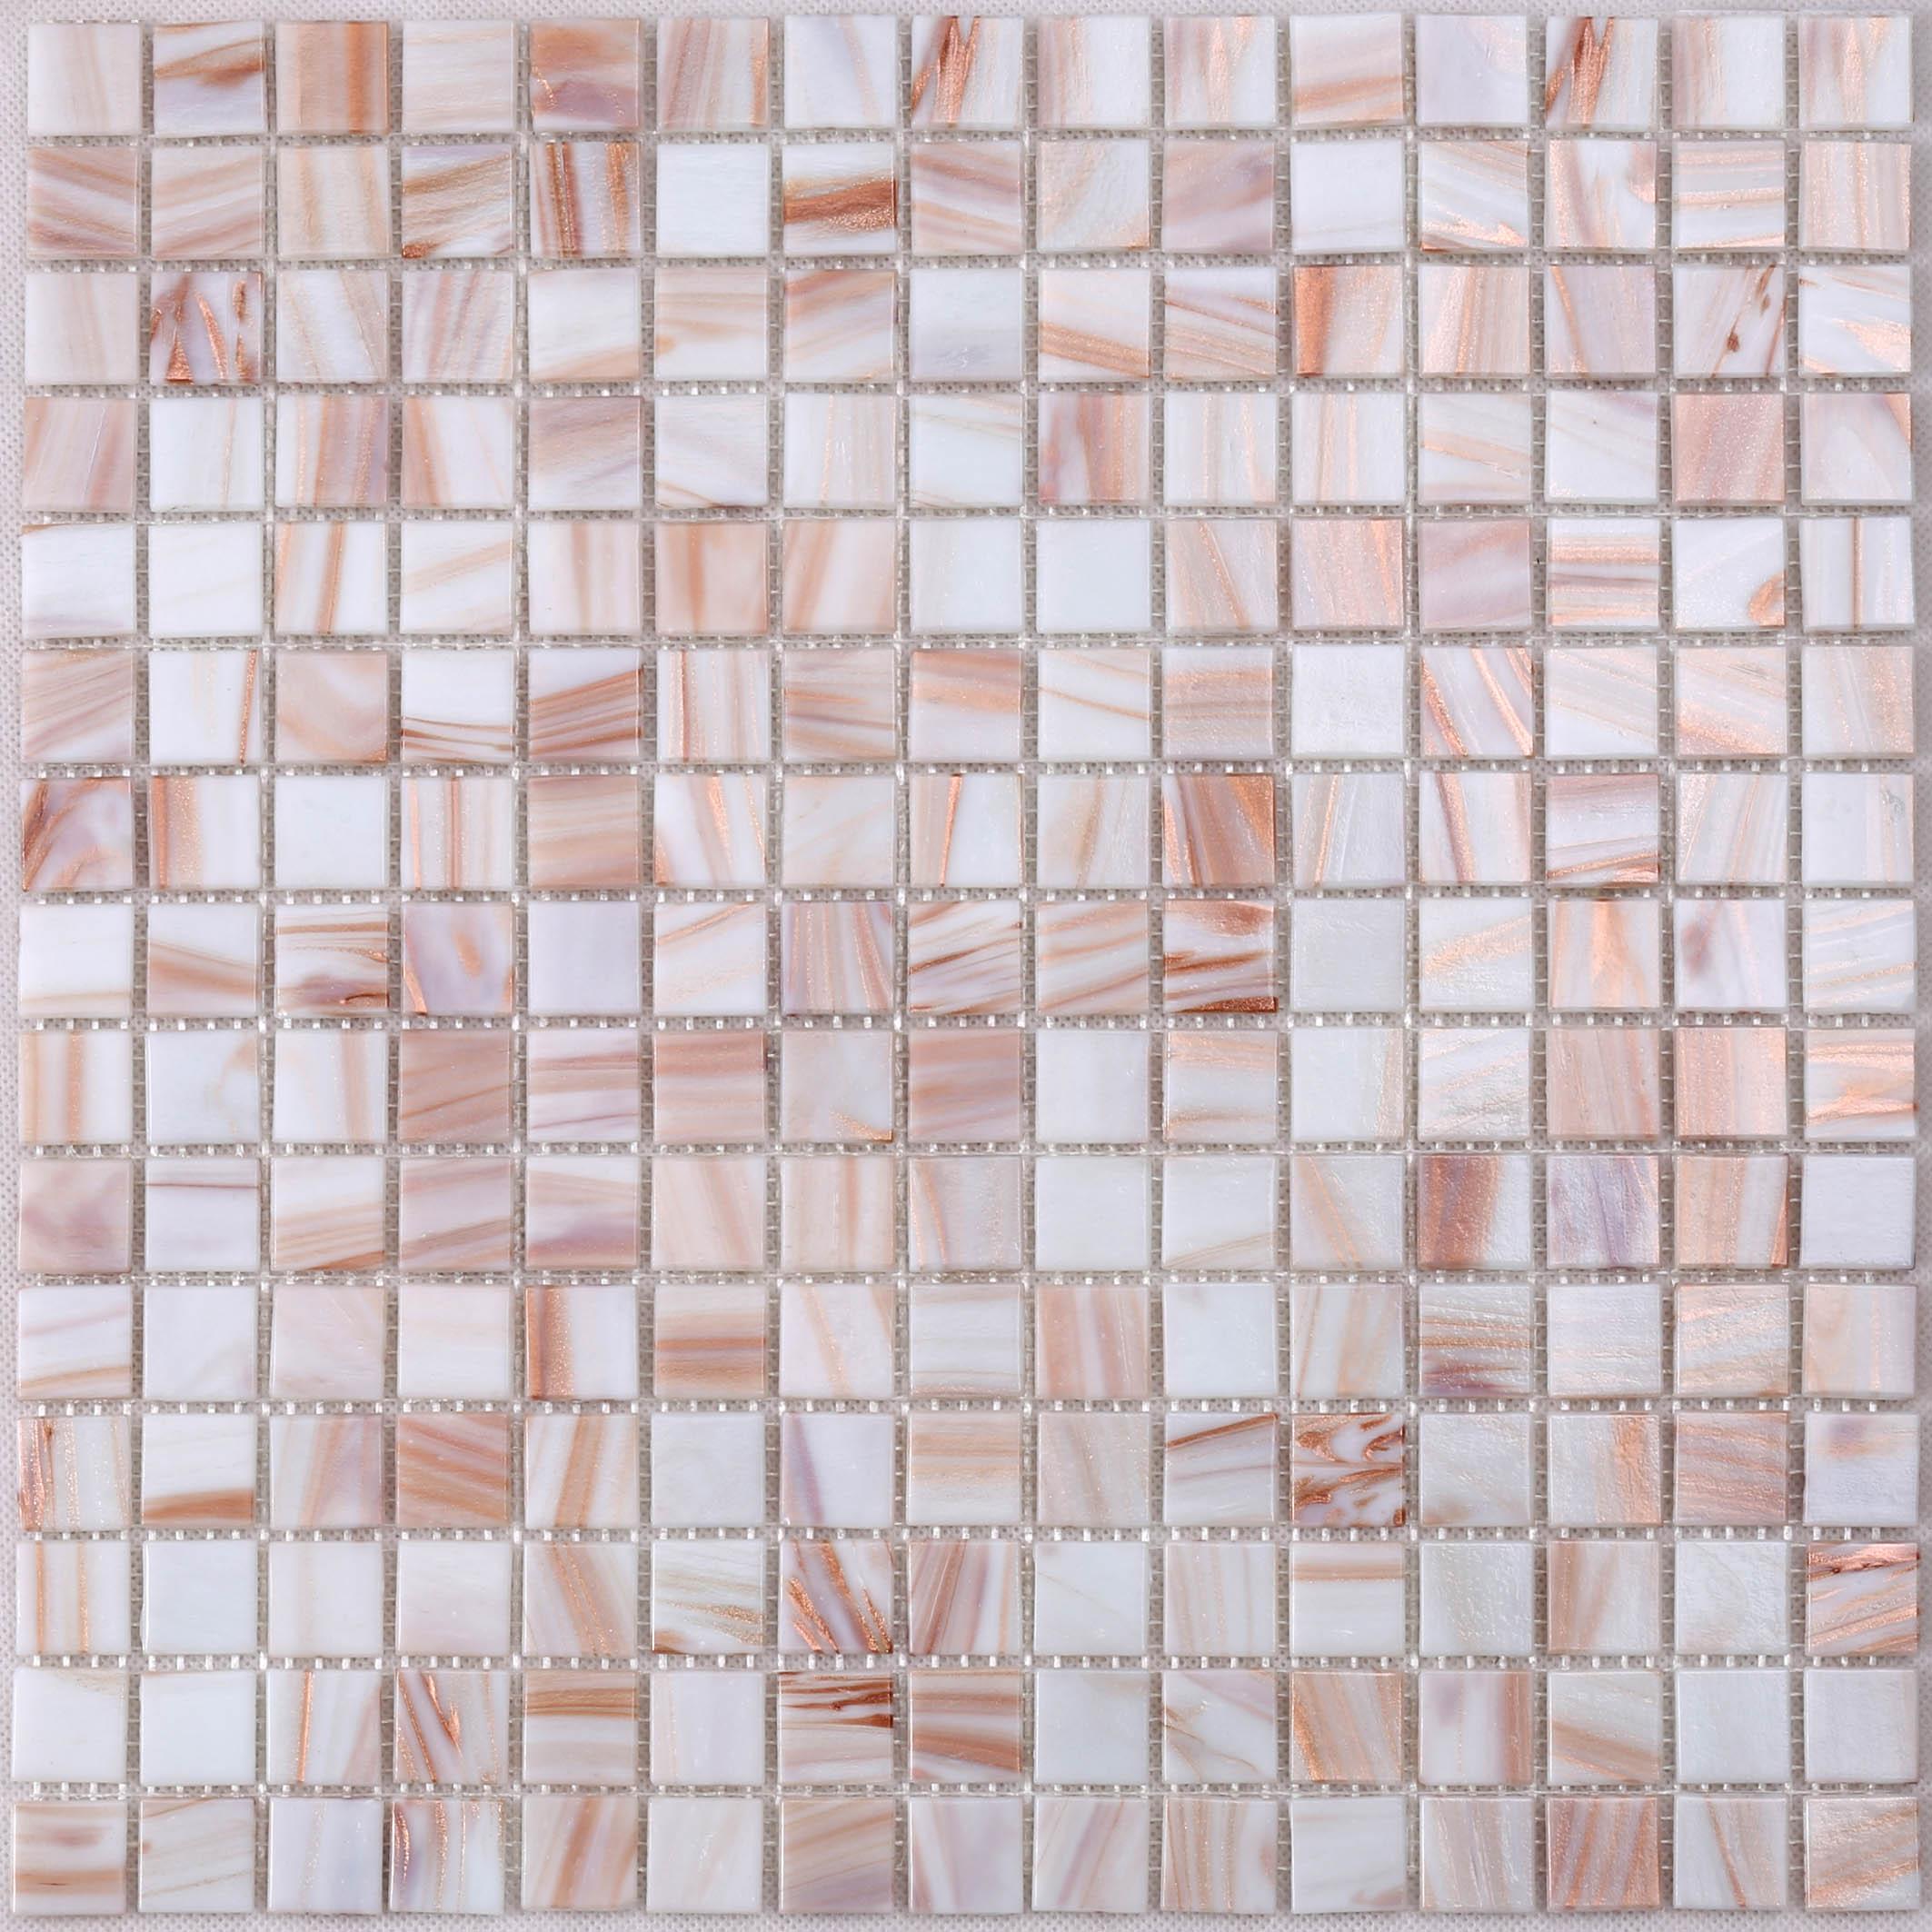 Heng Xing-Bulk Pool Tile Manufacturer, Black Pool Tiles | Heng Xing